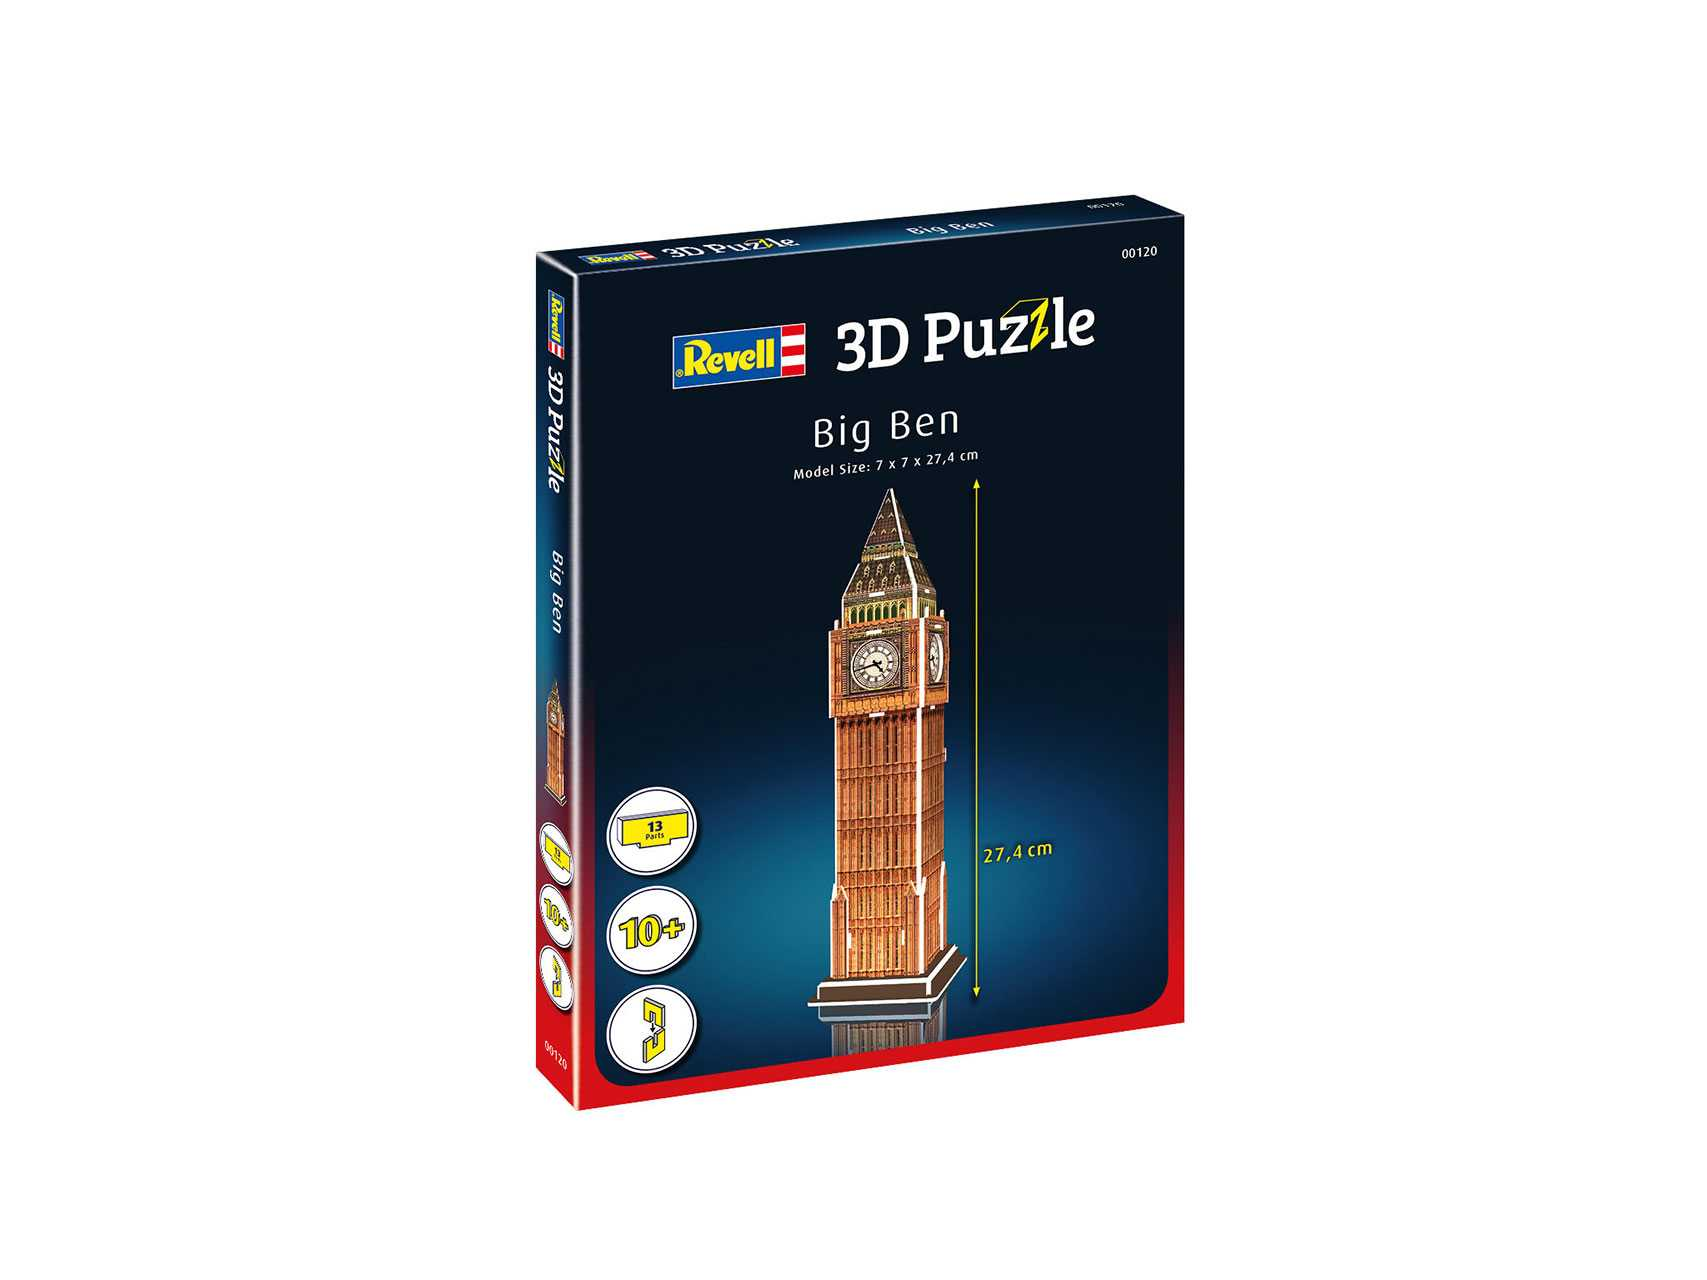 3D Puzzle Revell – Big Ben